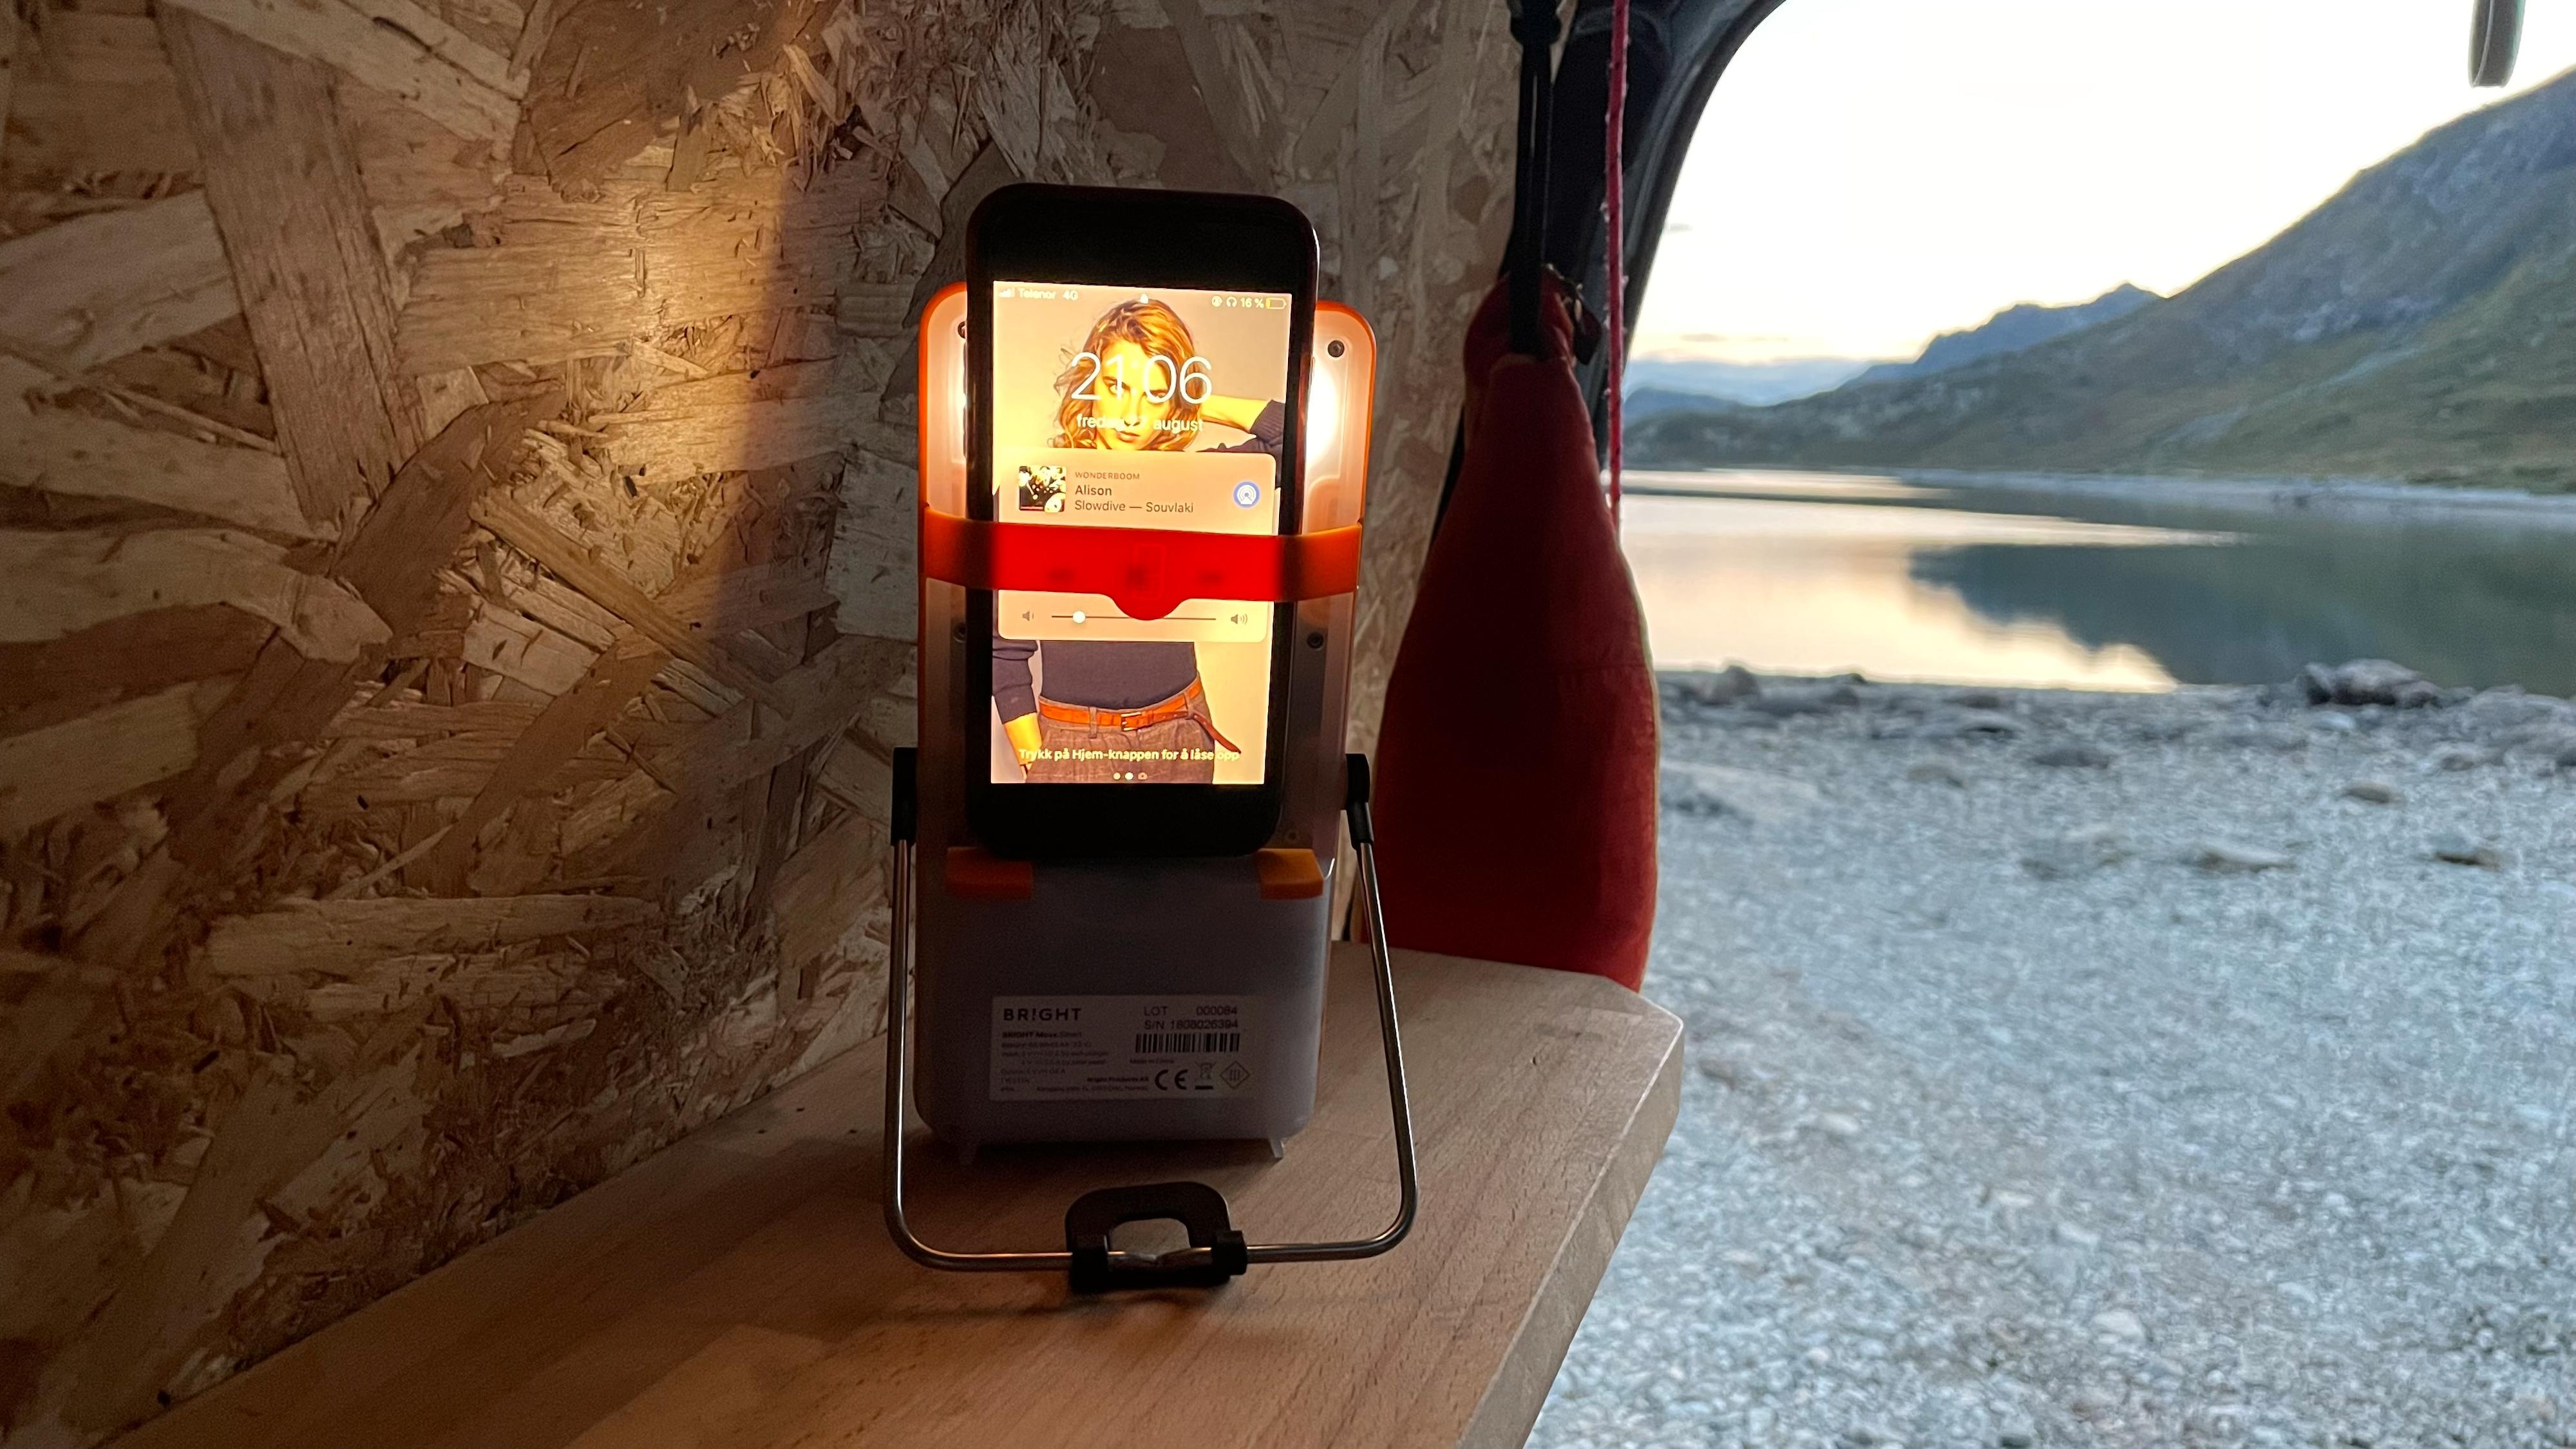 Mobilholderen ser praktisk ut, men er neppe i bruk særlig lenge siden batterikapasiteten er såpass svak.